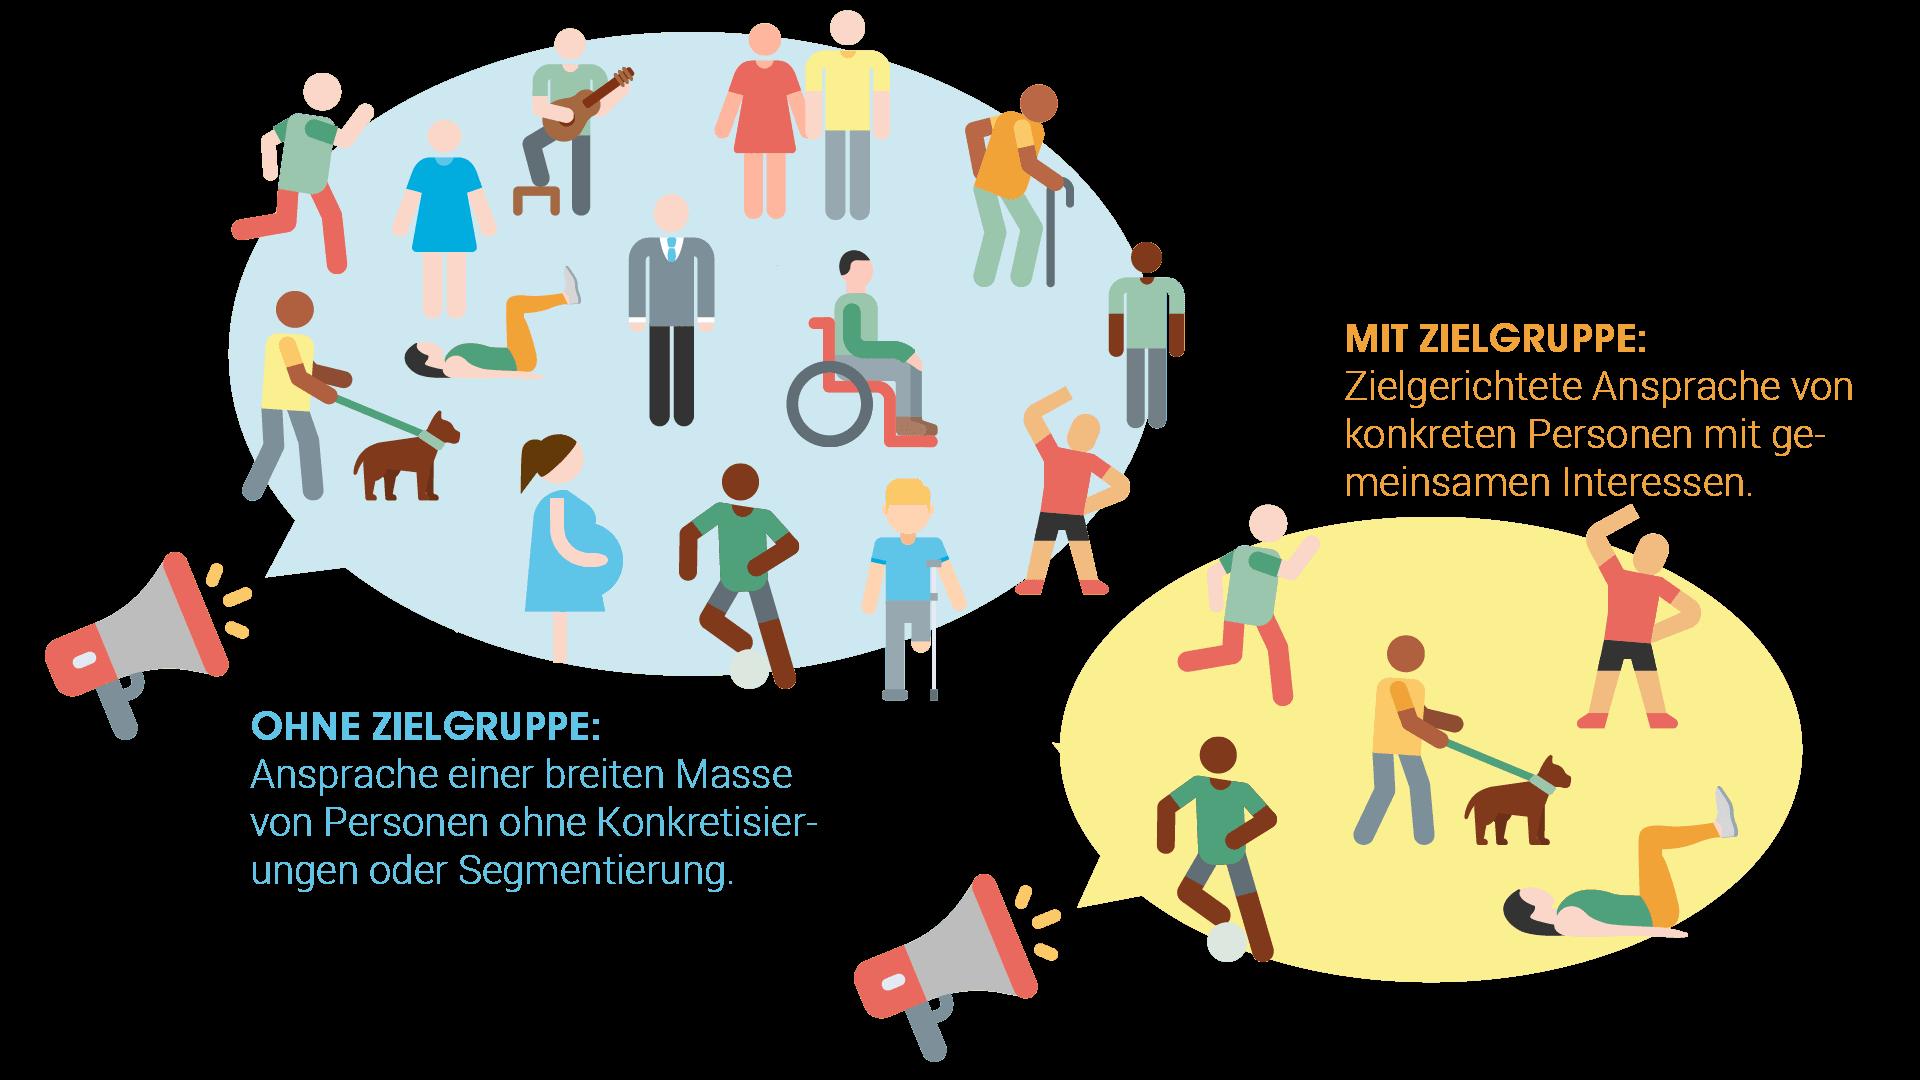 Ohne Zielgruppe wird eine breite Masse an Menschen angesprochen. Mit Zielgruppe eine konkrete Anzahl an Personen mit gleichem Interesse.